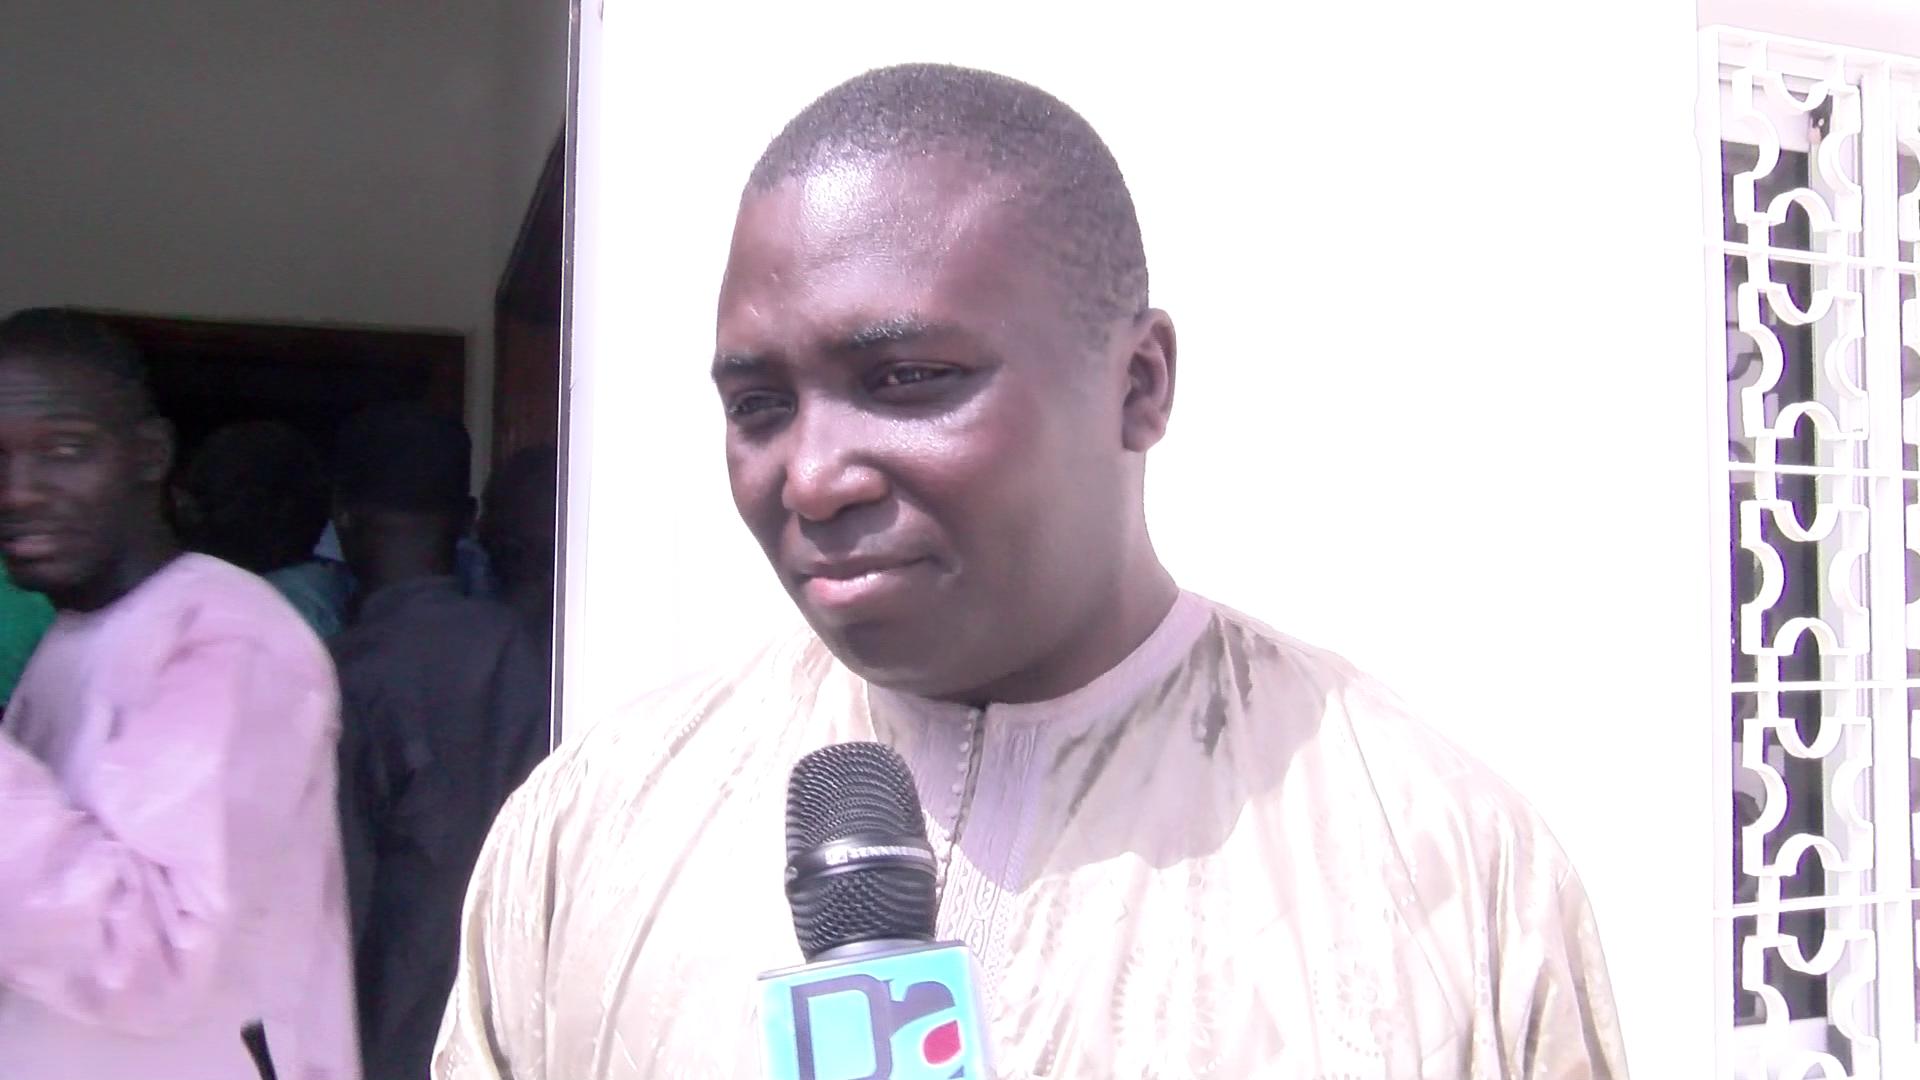 EN PRISON DANS L'AFFAIRE DU SACCAGE DE LA MAISON DU PS : Bamba Fall écrit une lettre ouverte au Président Macky Sall